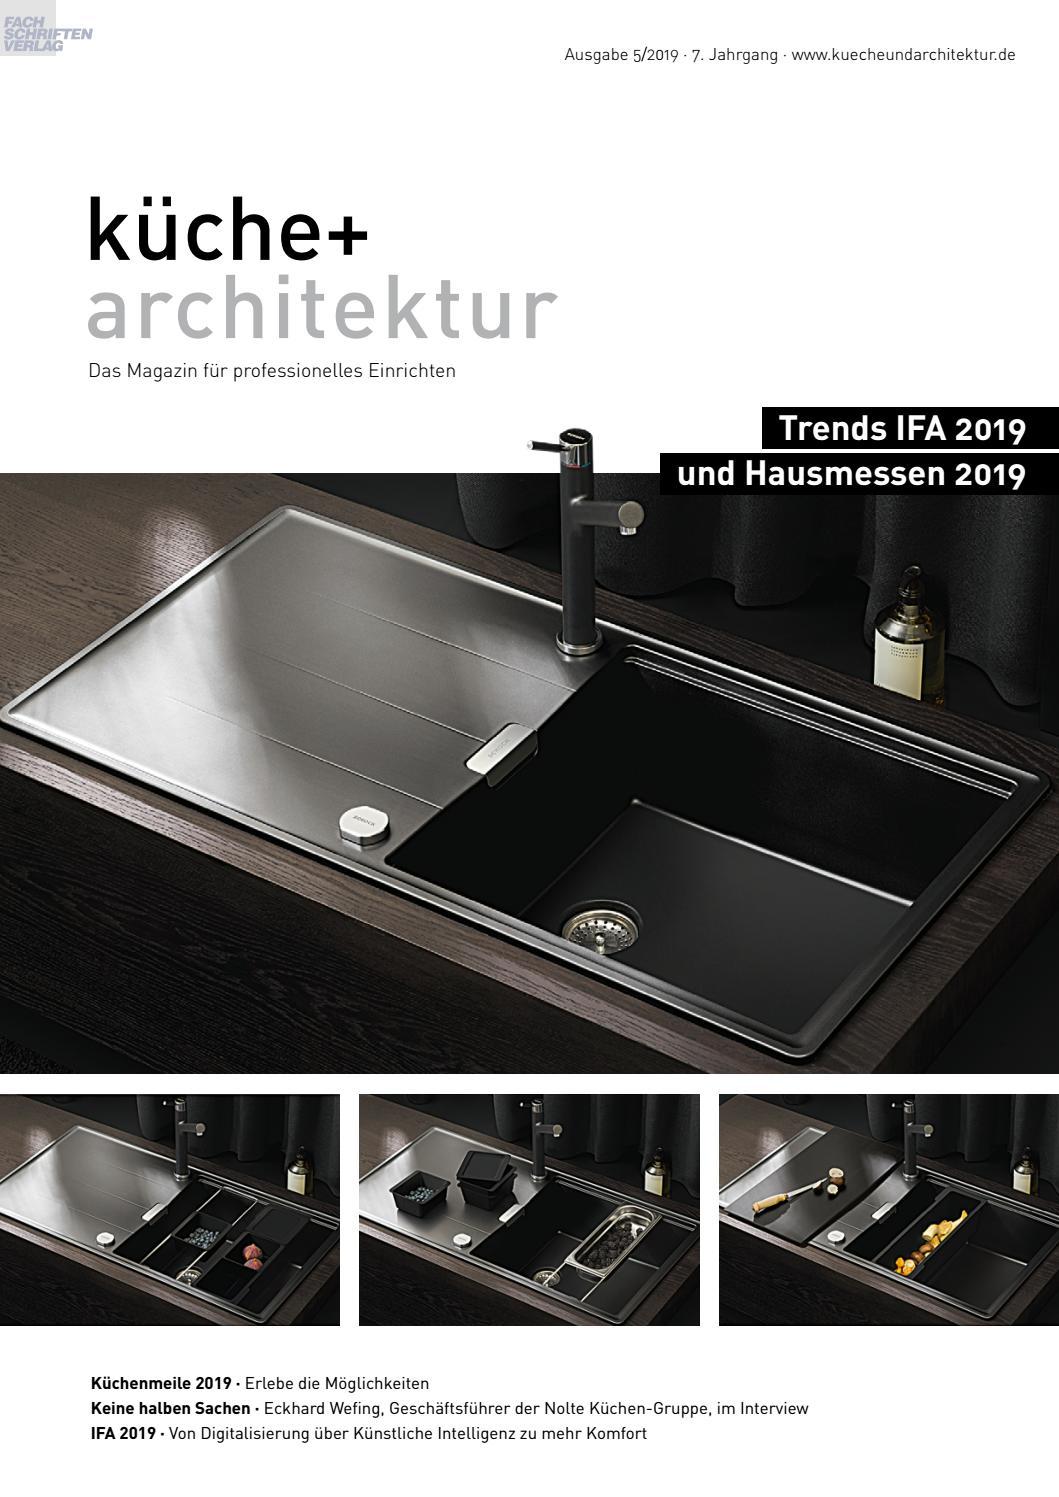 Kuche Architektur 5 2019 By Fachschriften Verlag Issuu